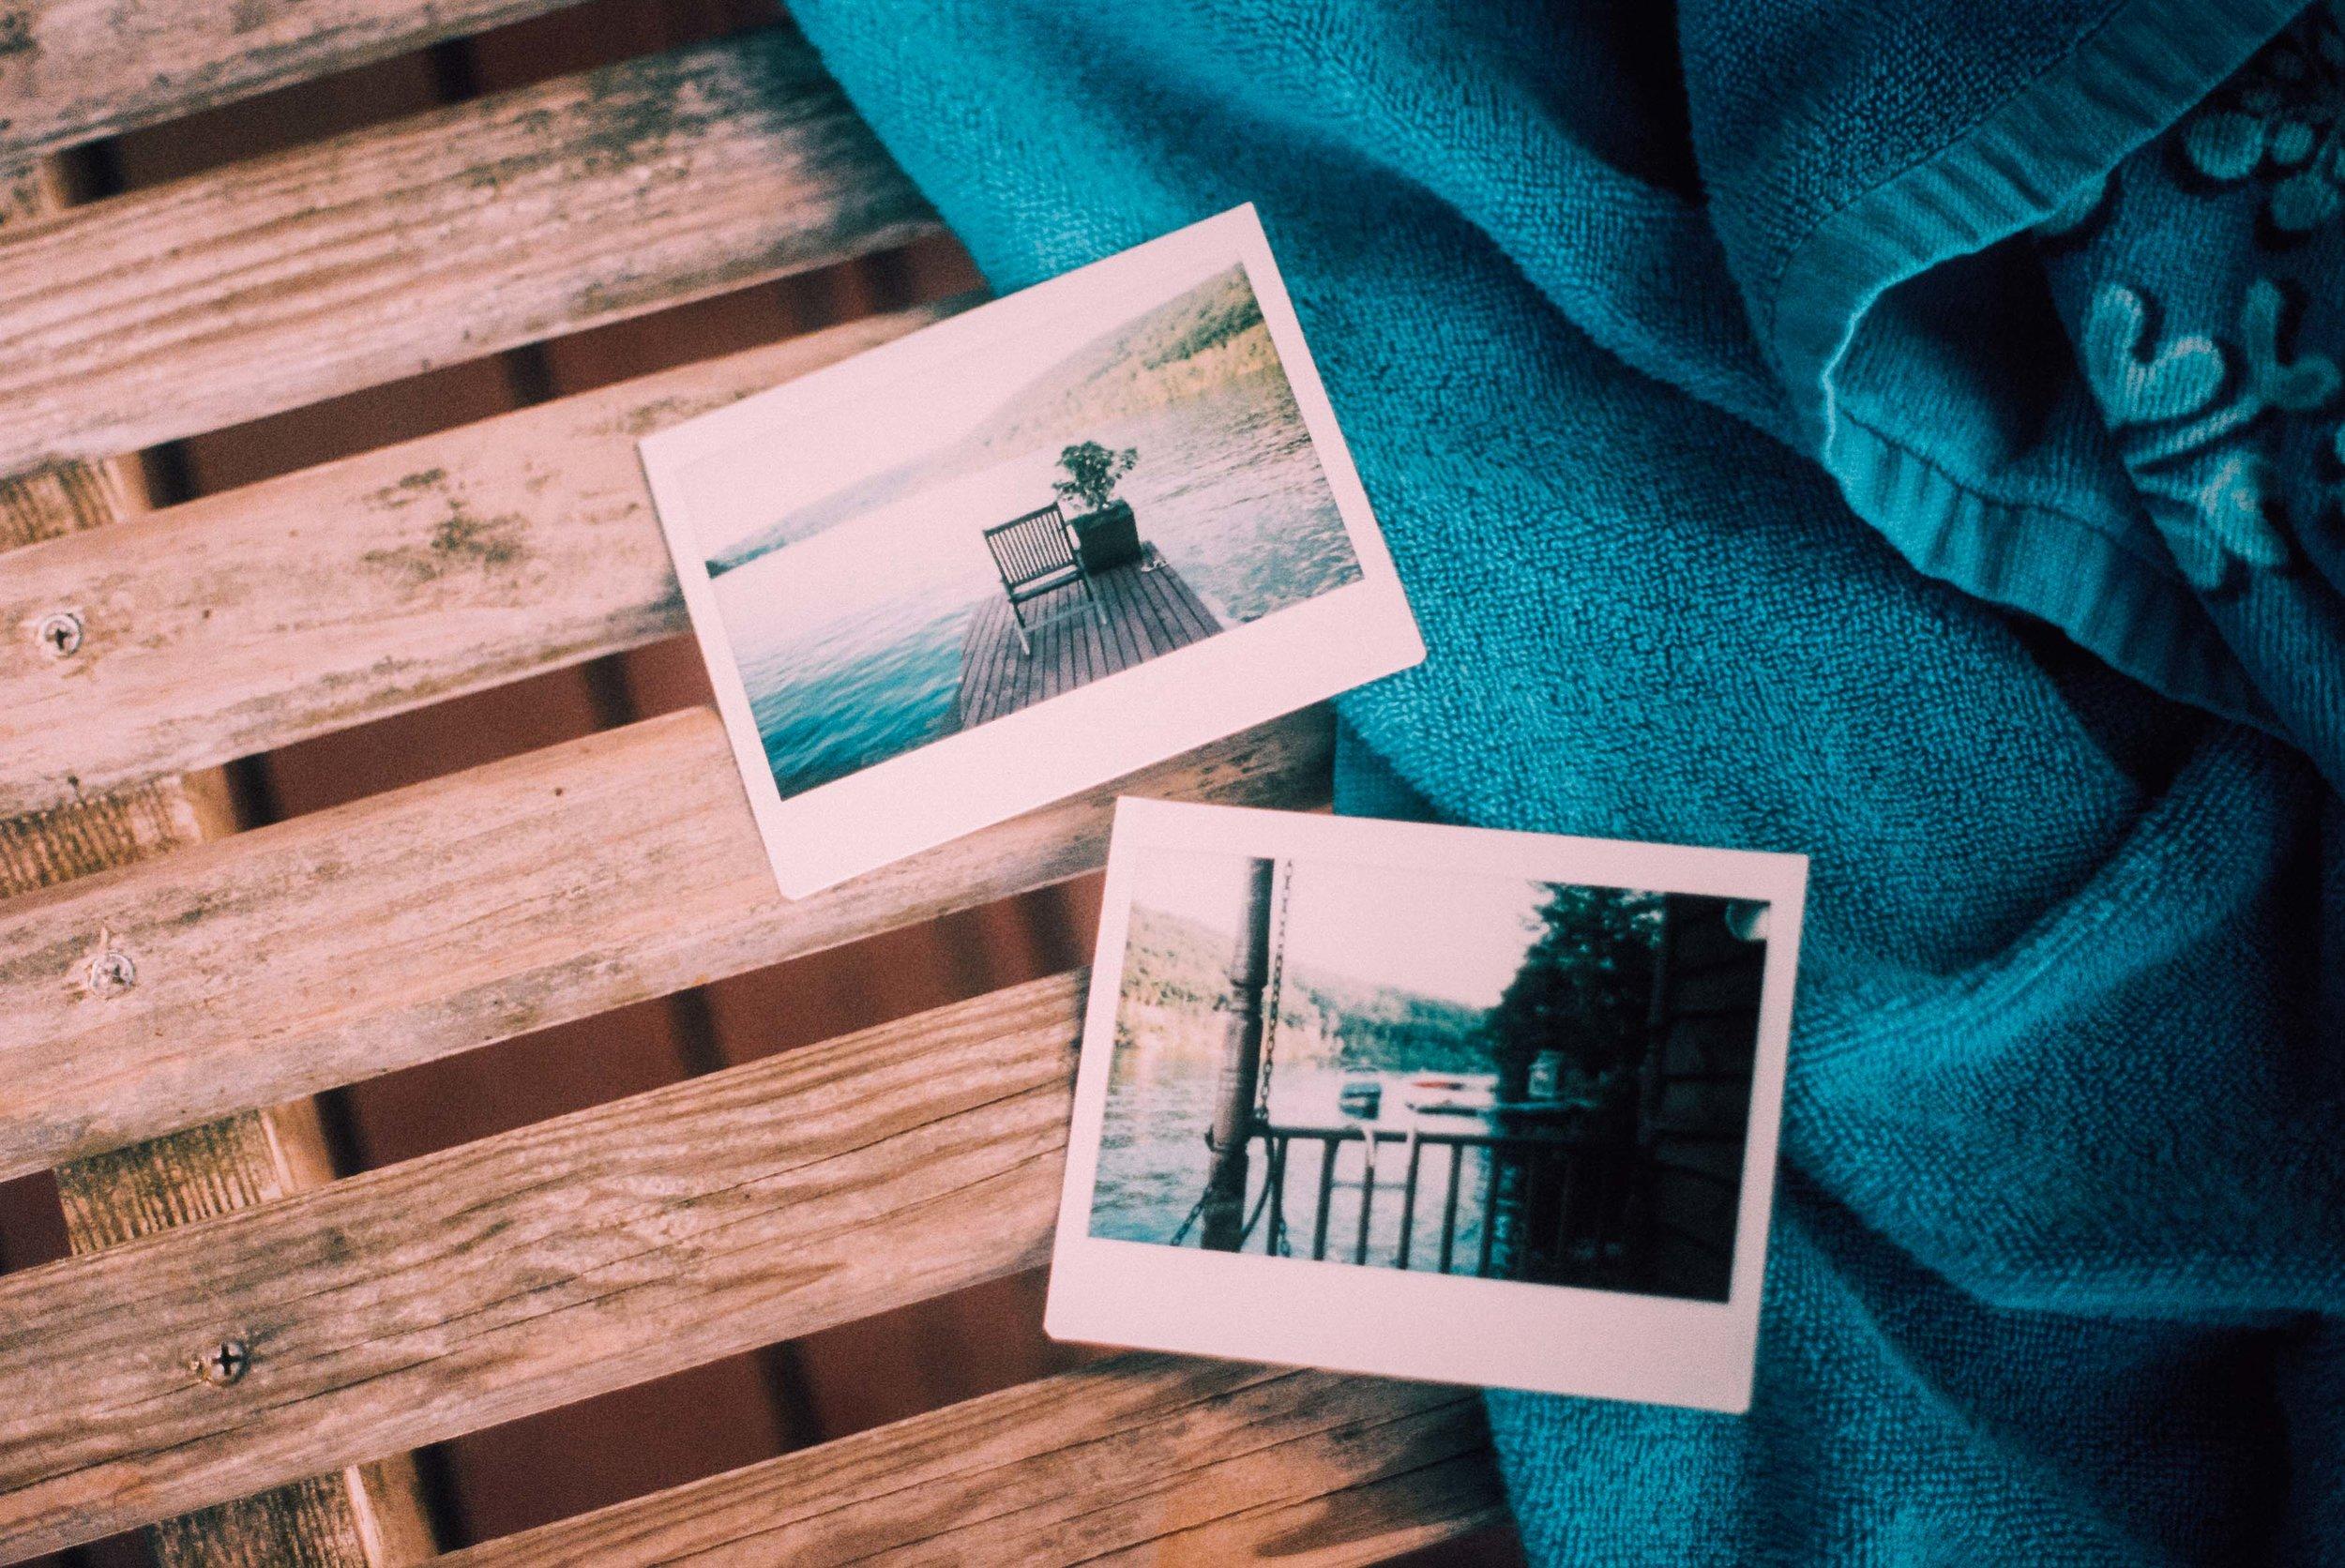 Marissa_Marissa-R3-038-17A.jpg